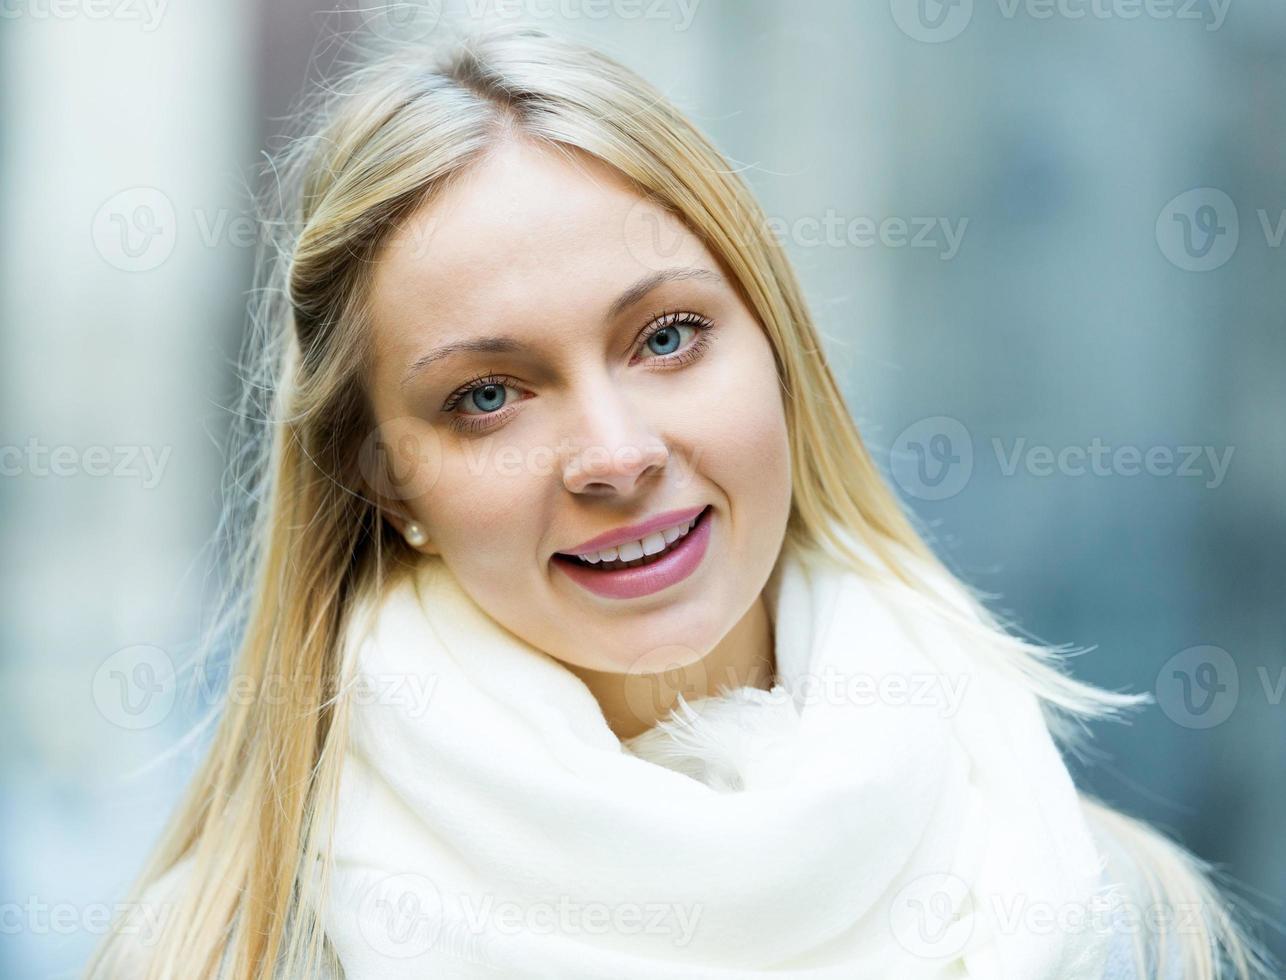 retrato de uma jovem mulher bonita foto